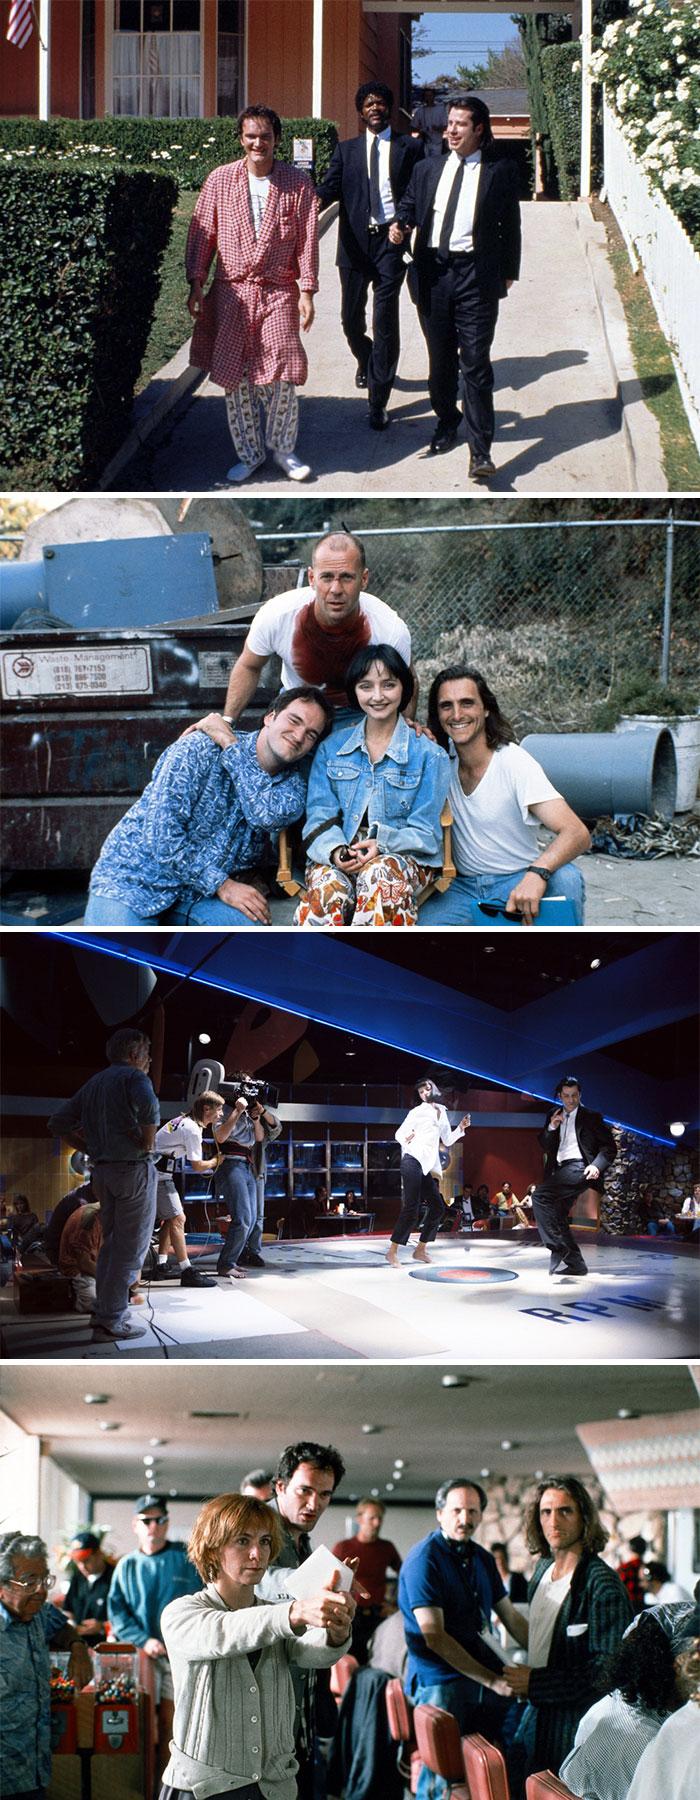 20部經典電影背後的「秘密花絮照」曝光 《侏儸紀公園》的恐龍原來都是人扮的!